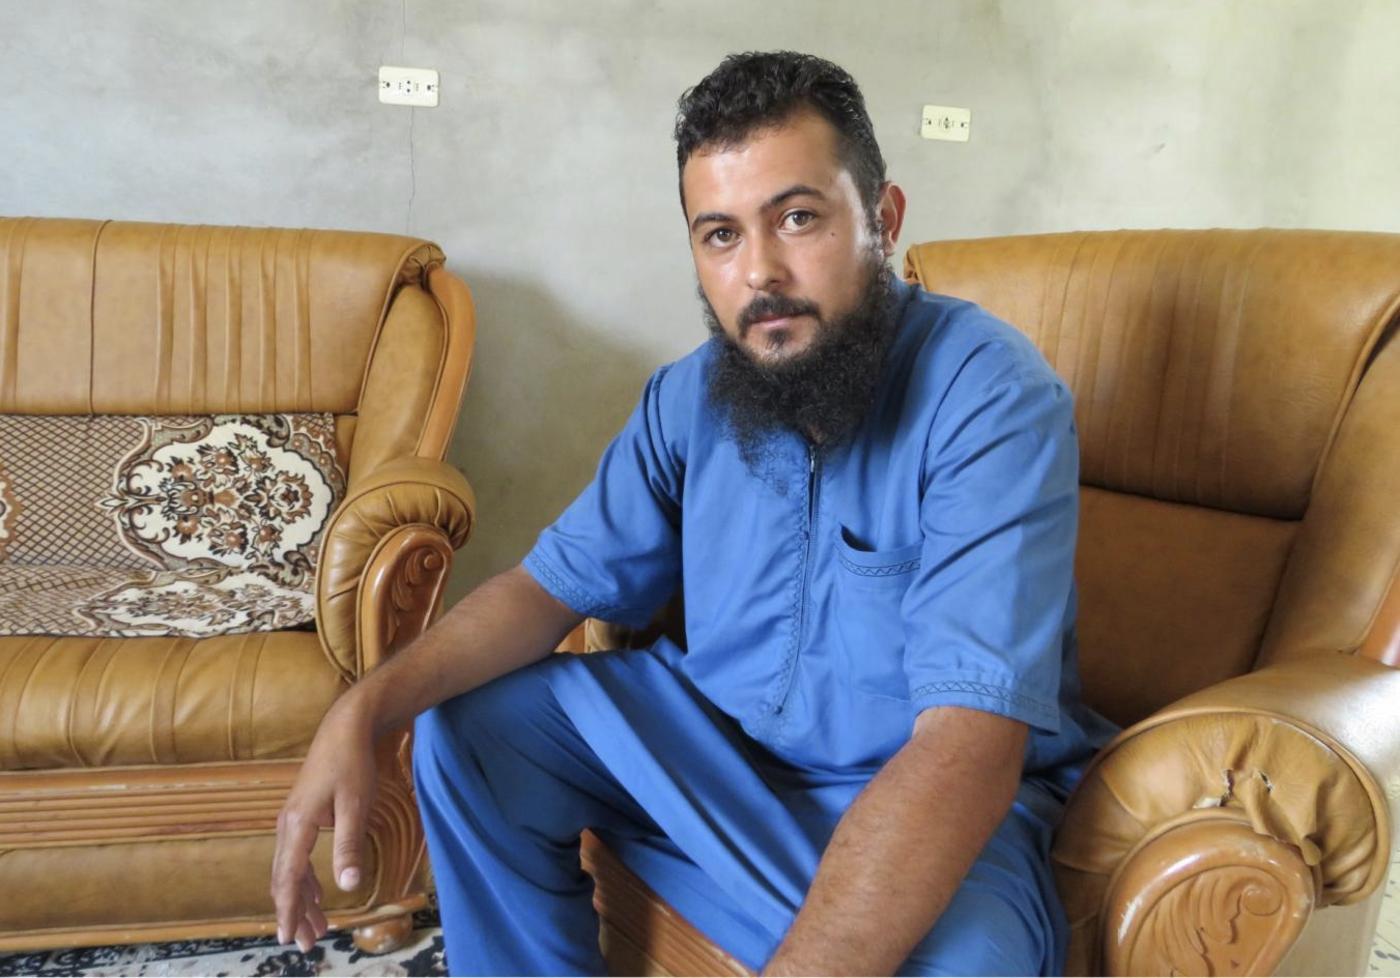 Mohammed Abu Ajila Enbis dans la maison dont il avait été chassé, à Espiaa, fin2019 (MEE/Daniel Hilton)